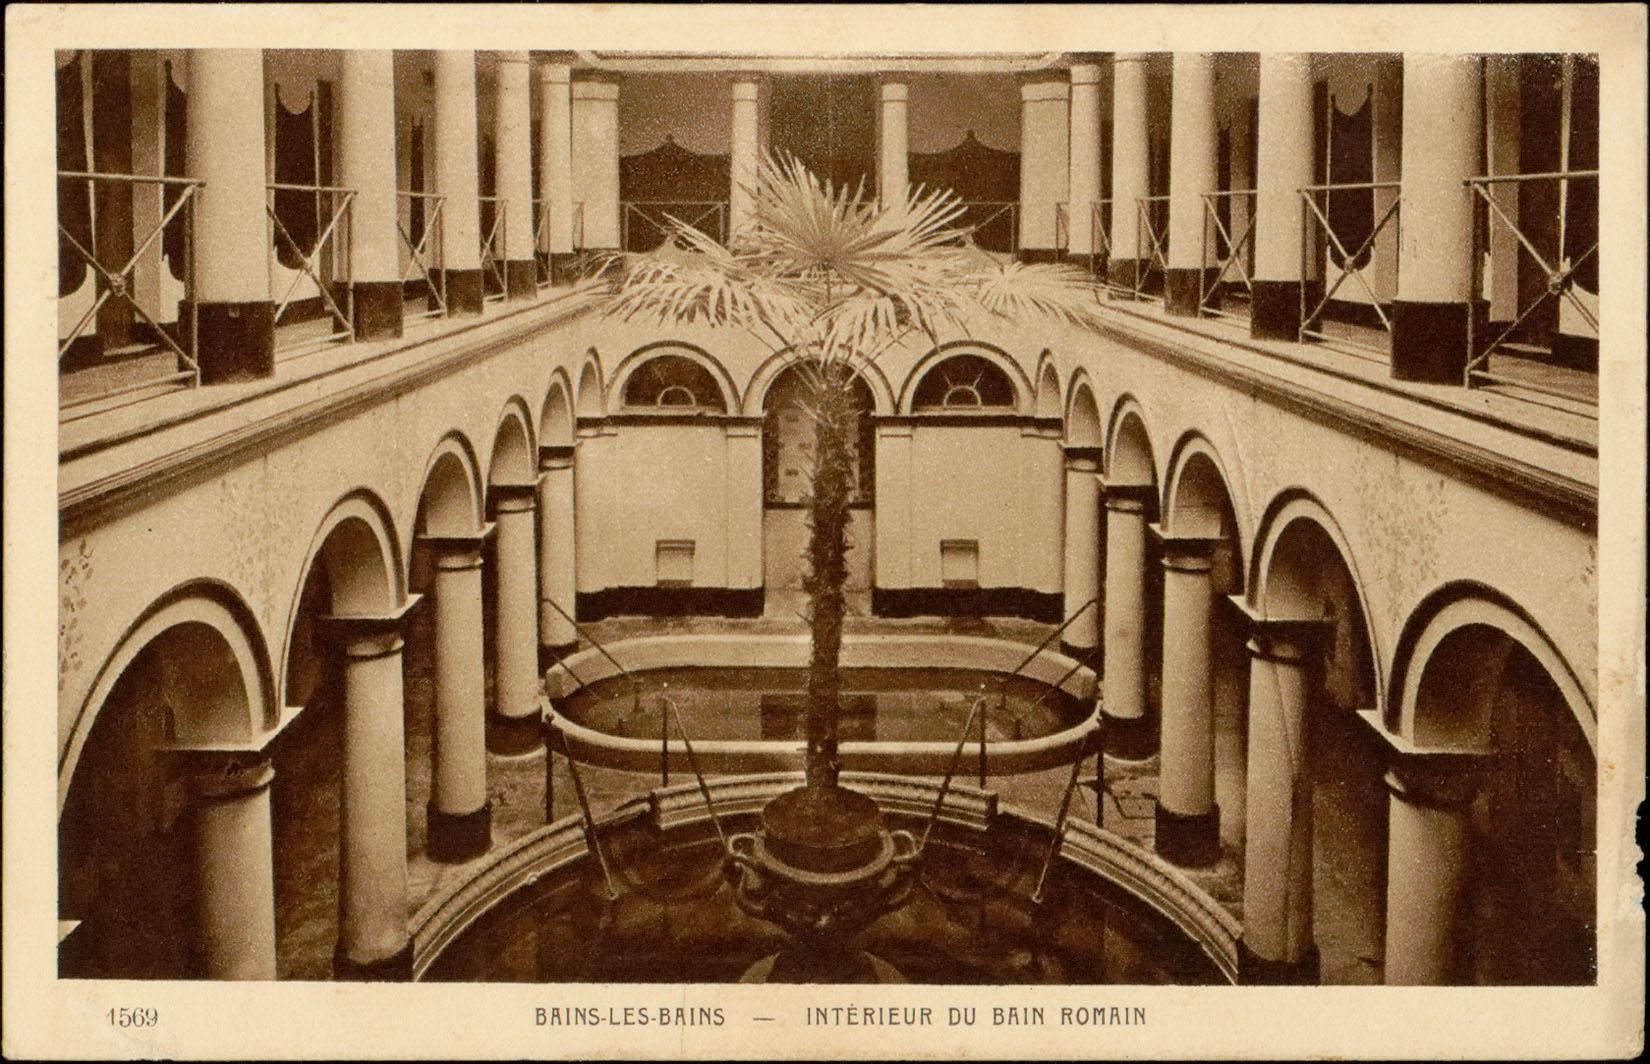 Contenu du Bains-les-Bains, Intérieur du bain romain